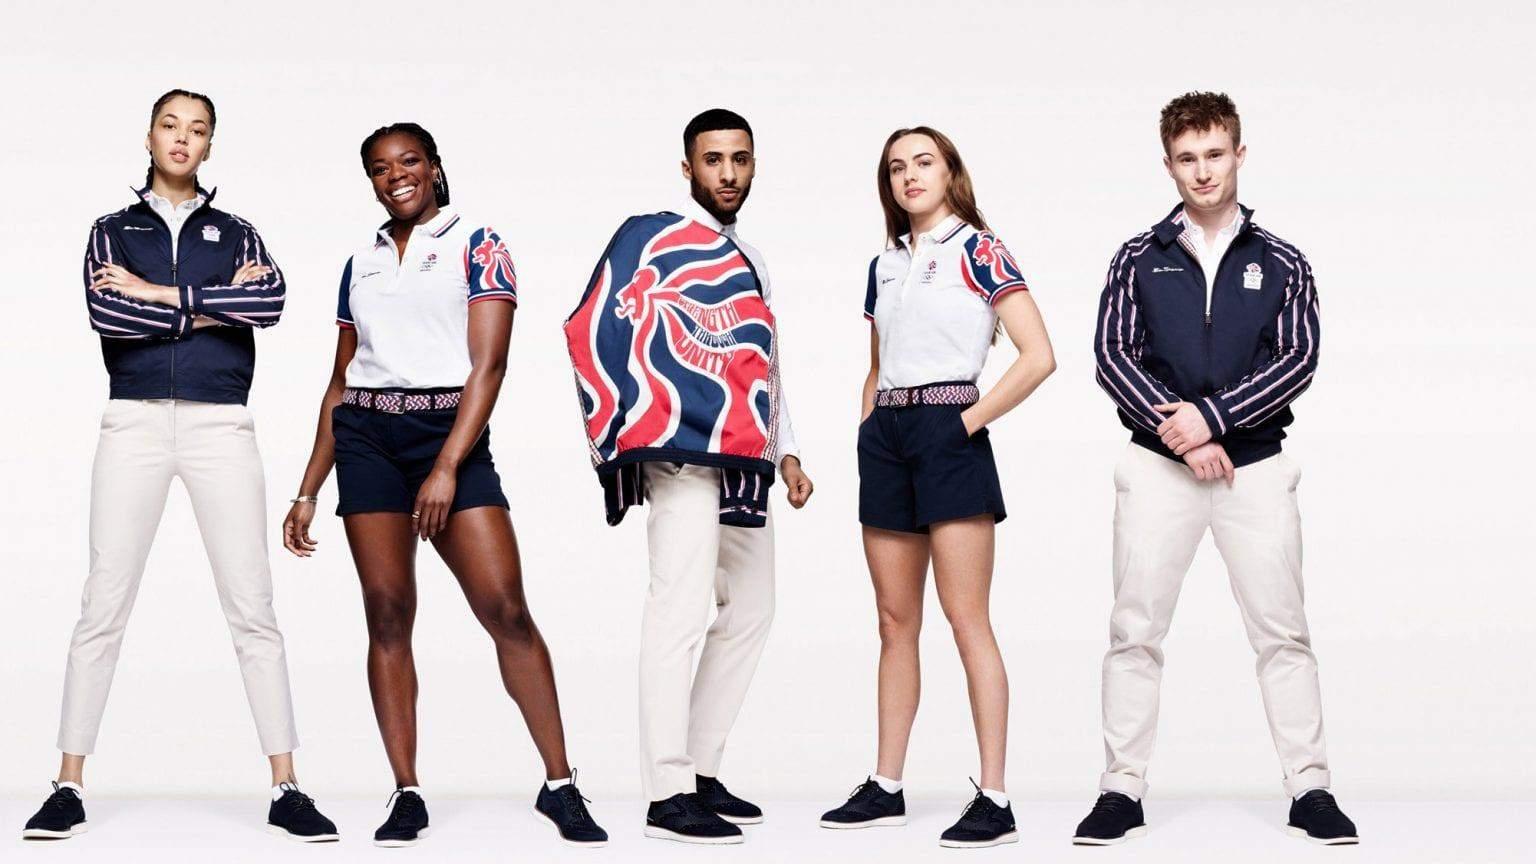 Збірна Великої Британії форма Олімпіада 2020